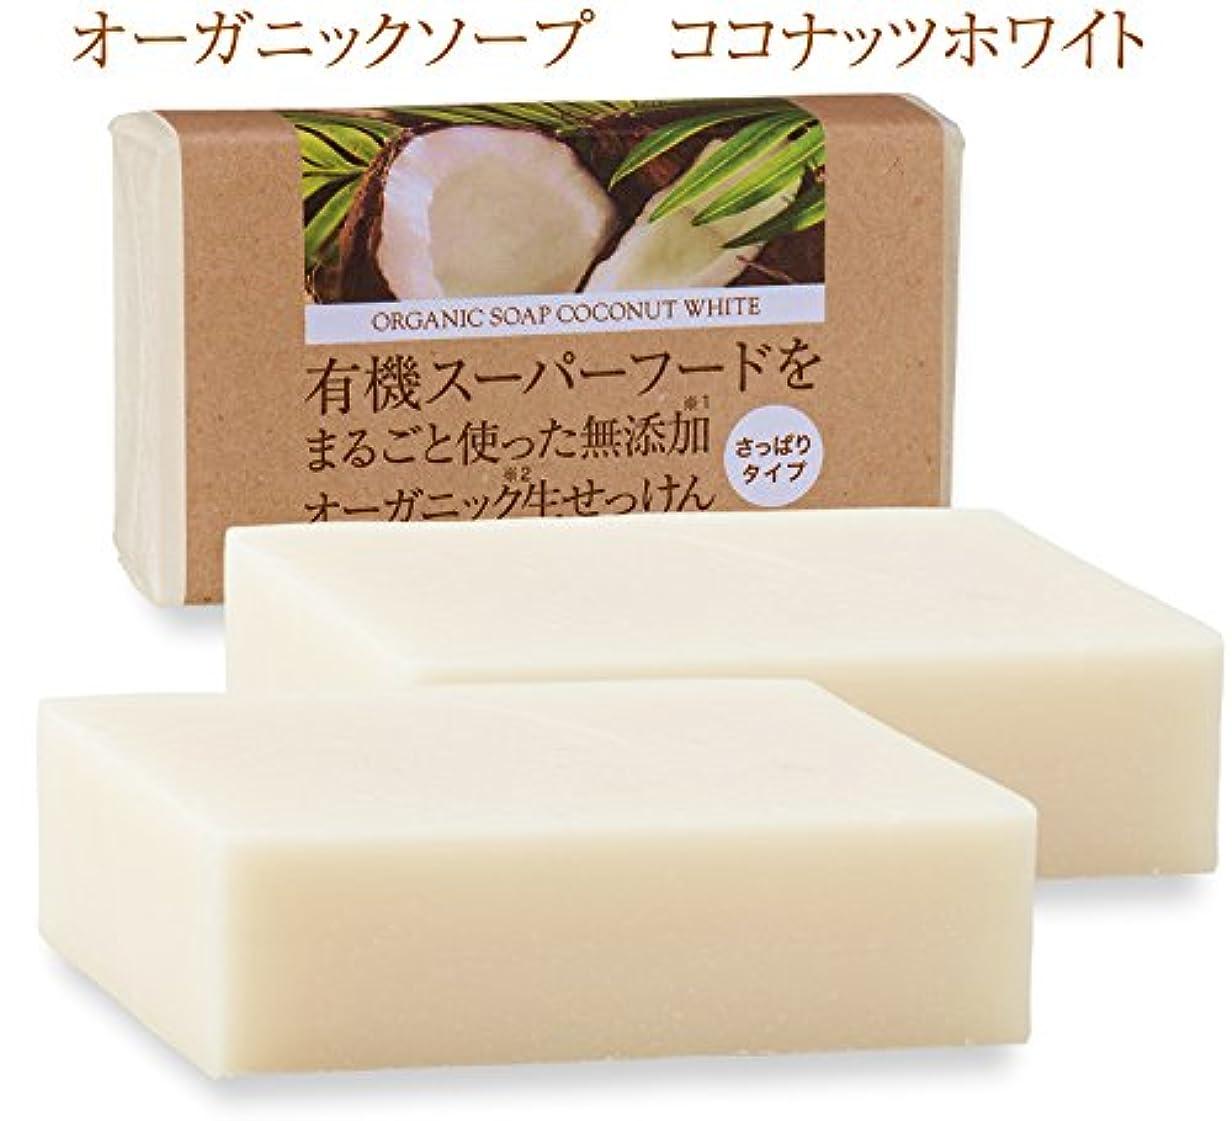 酸素まもなくスマッシュ有機ココナッツオイルをまるごと使った無添加オーガニック生せっけん(枠練)Organic Raw Soap Coconut White 80g 2個 コールドプロセス製法 (日本製)